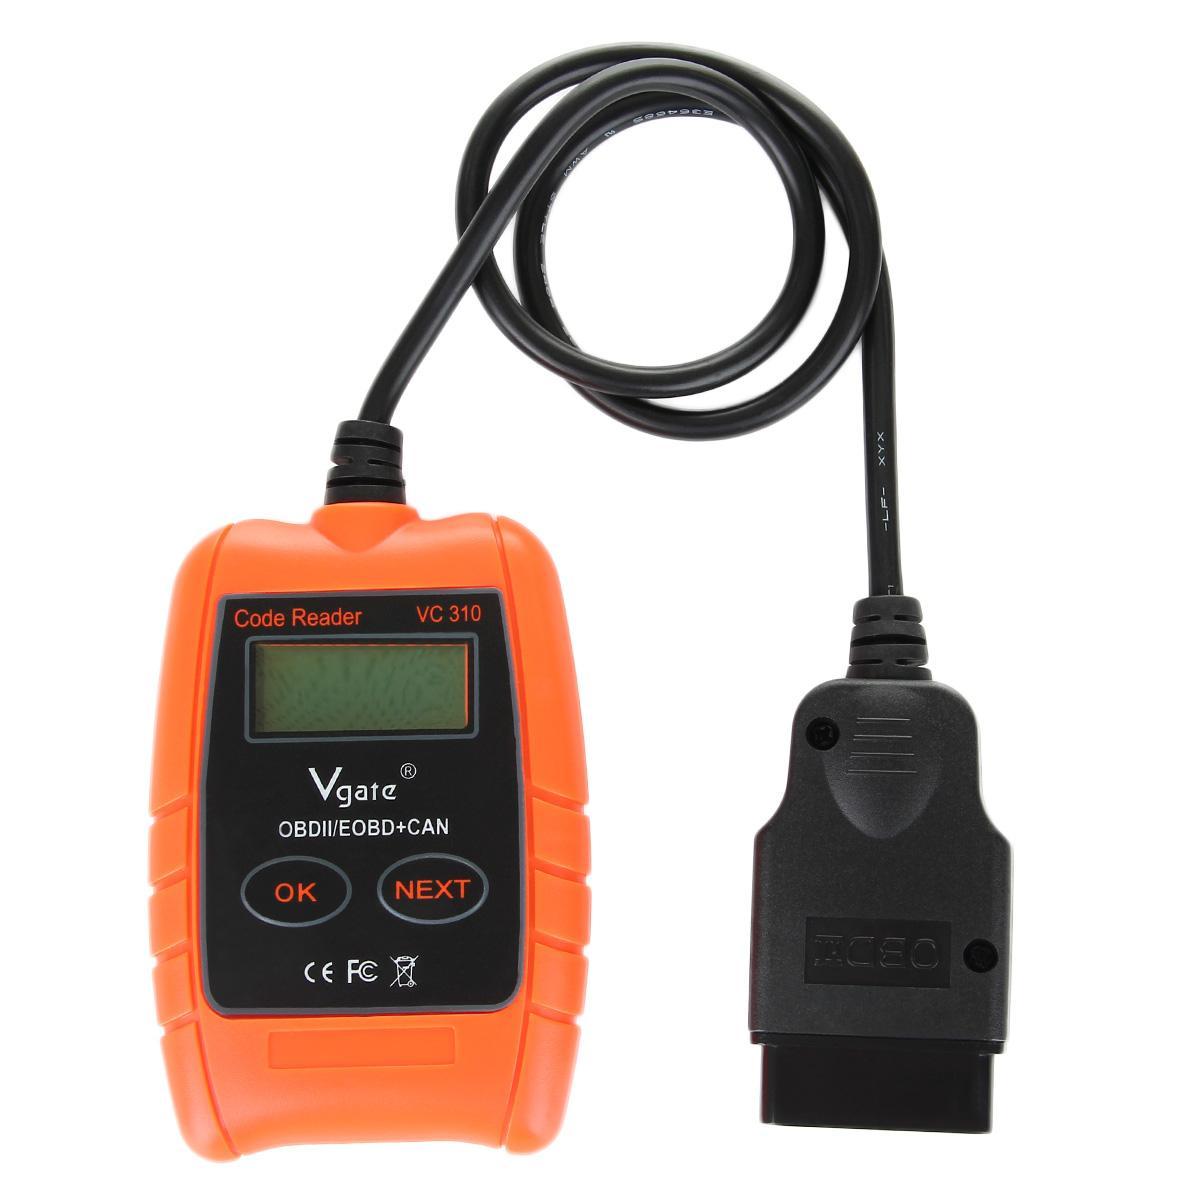 Vgate VC310 واجهة 16PIN الاتفاق العالمي ODBII السيارات قارئ رمز ماسحة السيارات أداة تشخيص عالمية شحن مجاني